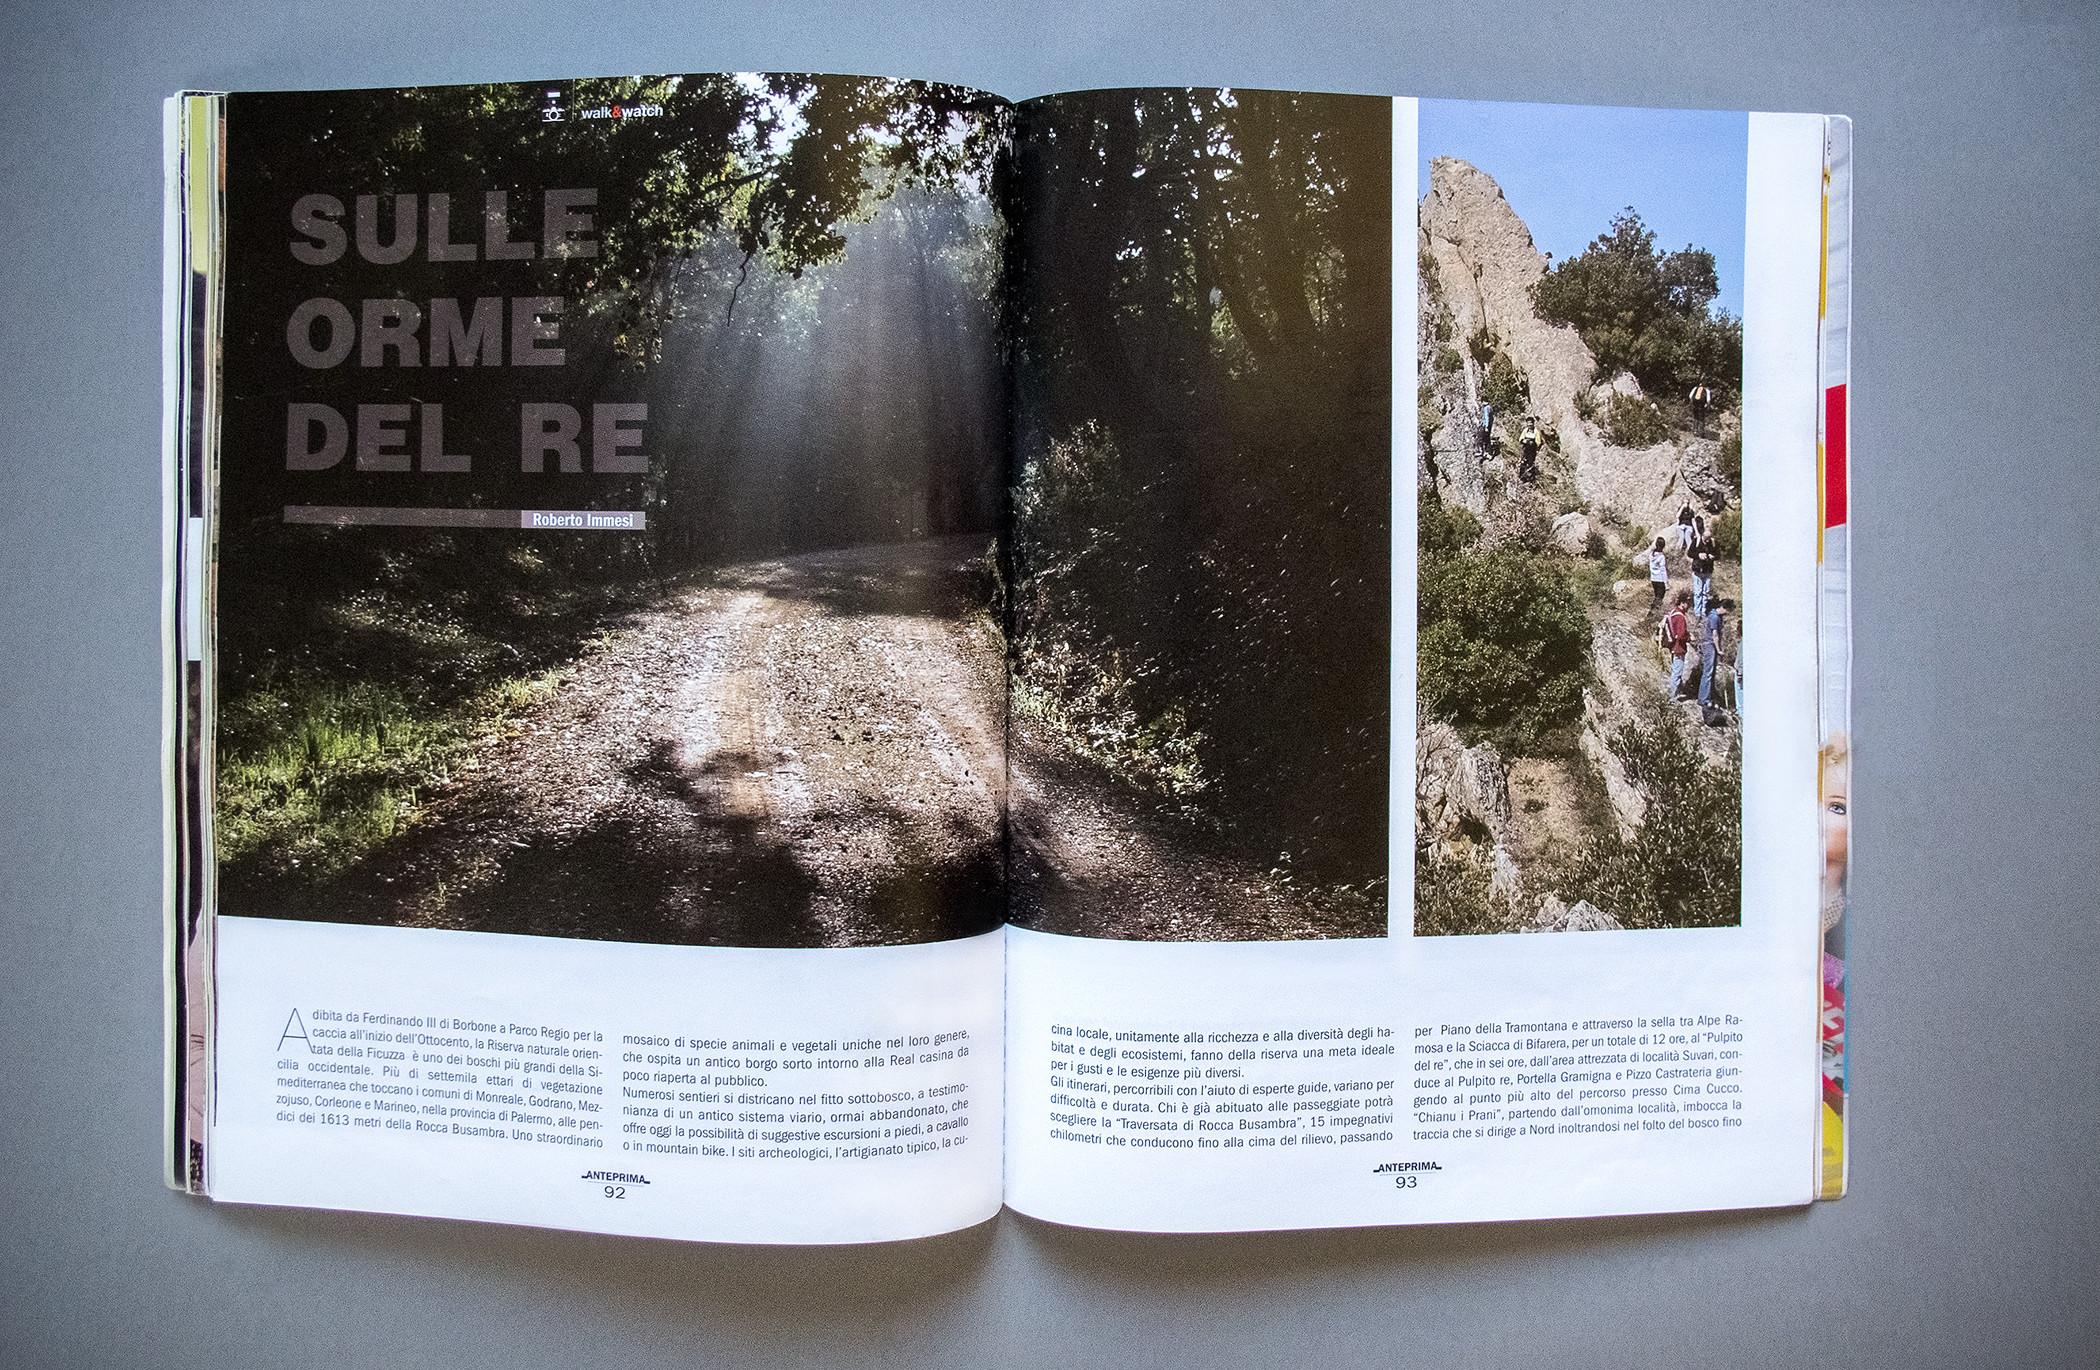 Anteprima Magazine Pagination Sulle Orme Del Re